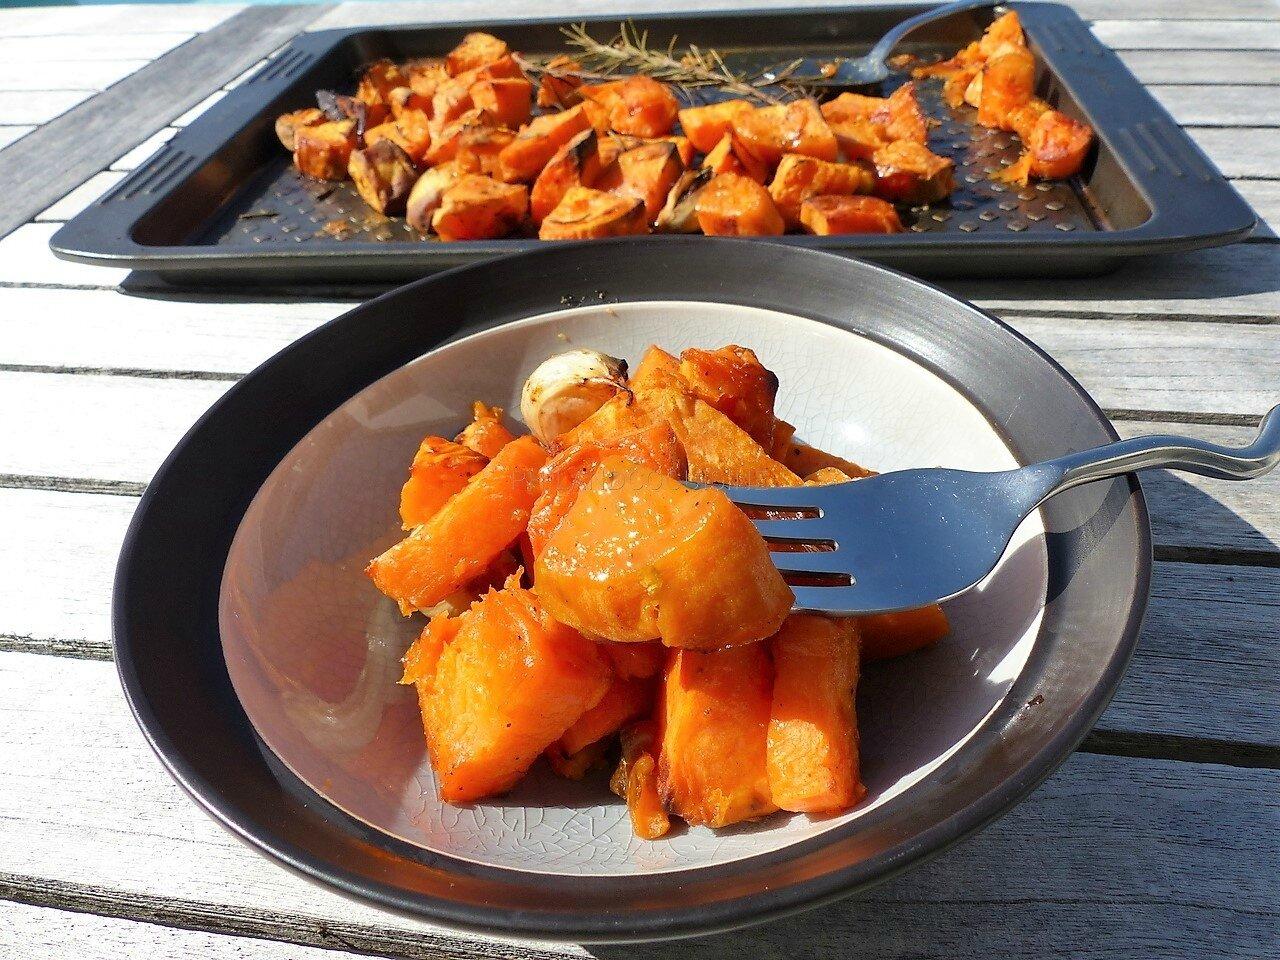 Patates douces confites au four